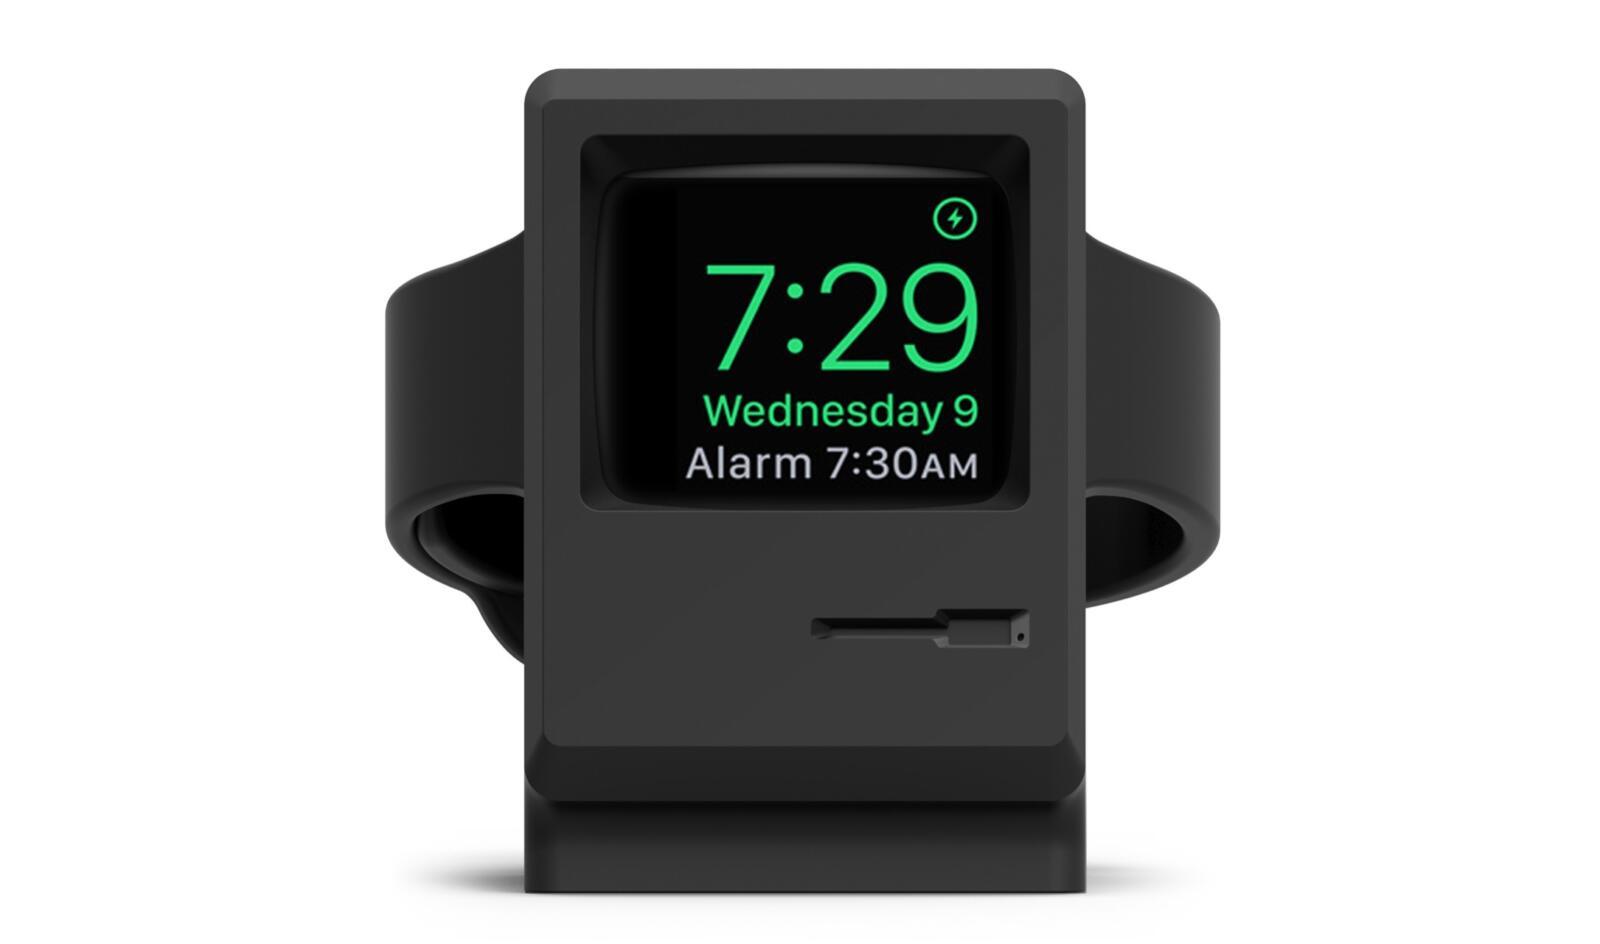 Apple Dock elago iOS Macintosh 128K stand w3 watch